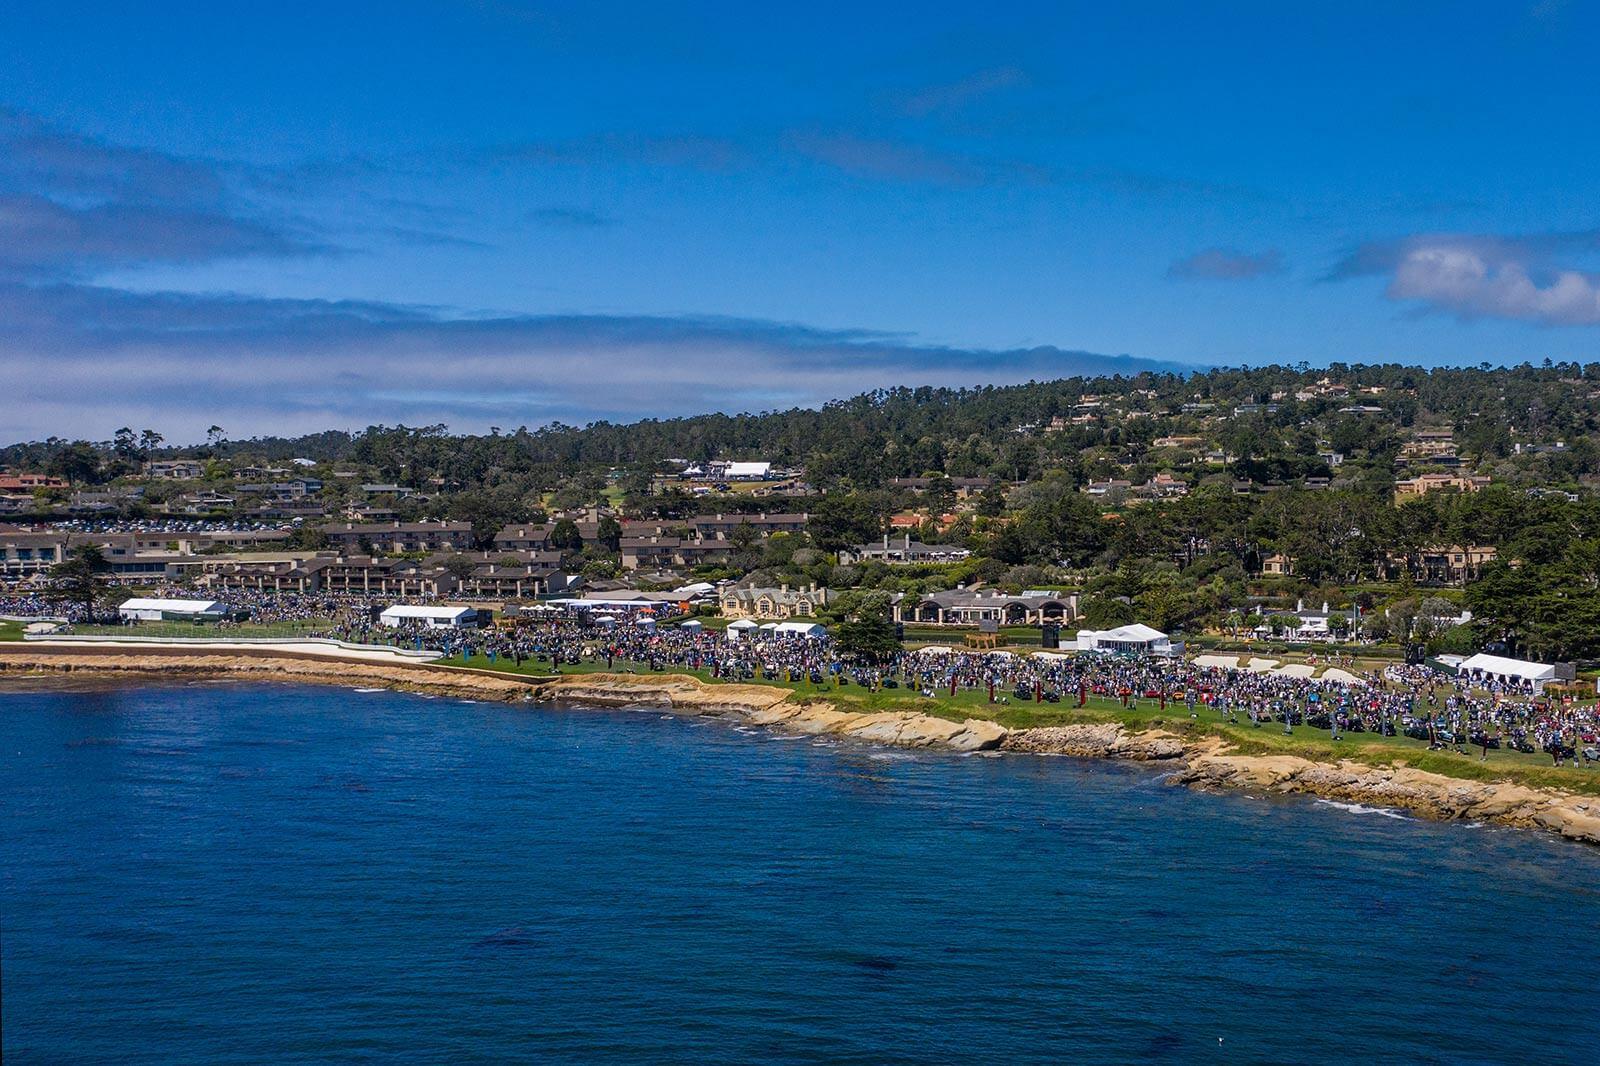 2020 Pebble Beach Concours d'Elegance Cancelled - Pebble ...